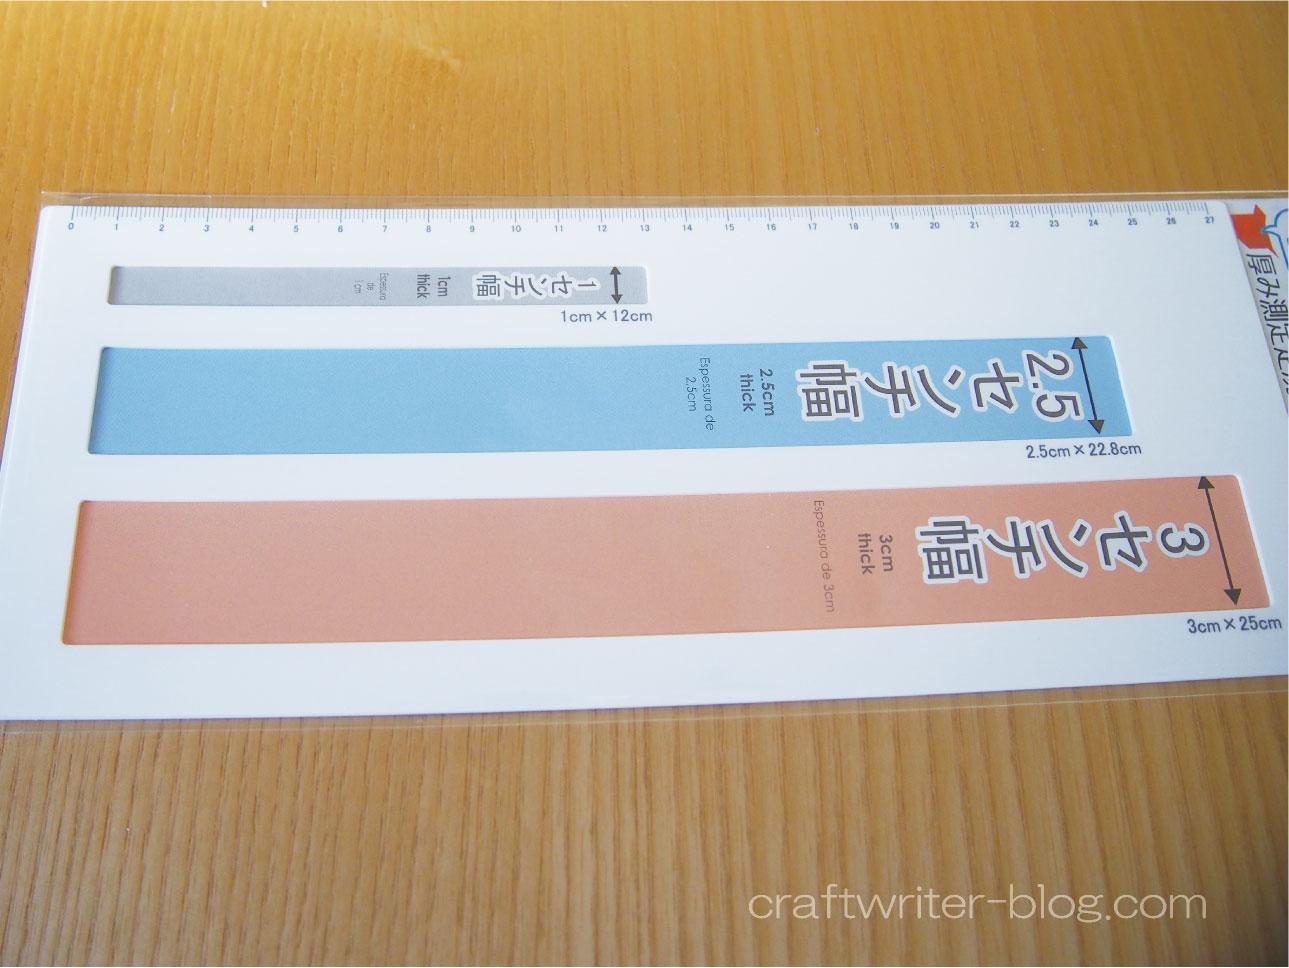 ダイソーの厚み測定定規で測れる厚みの種類